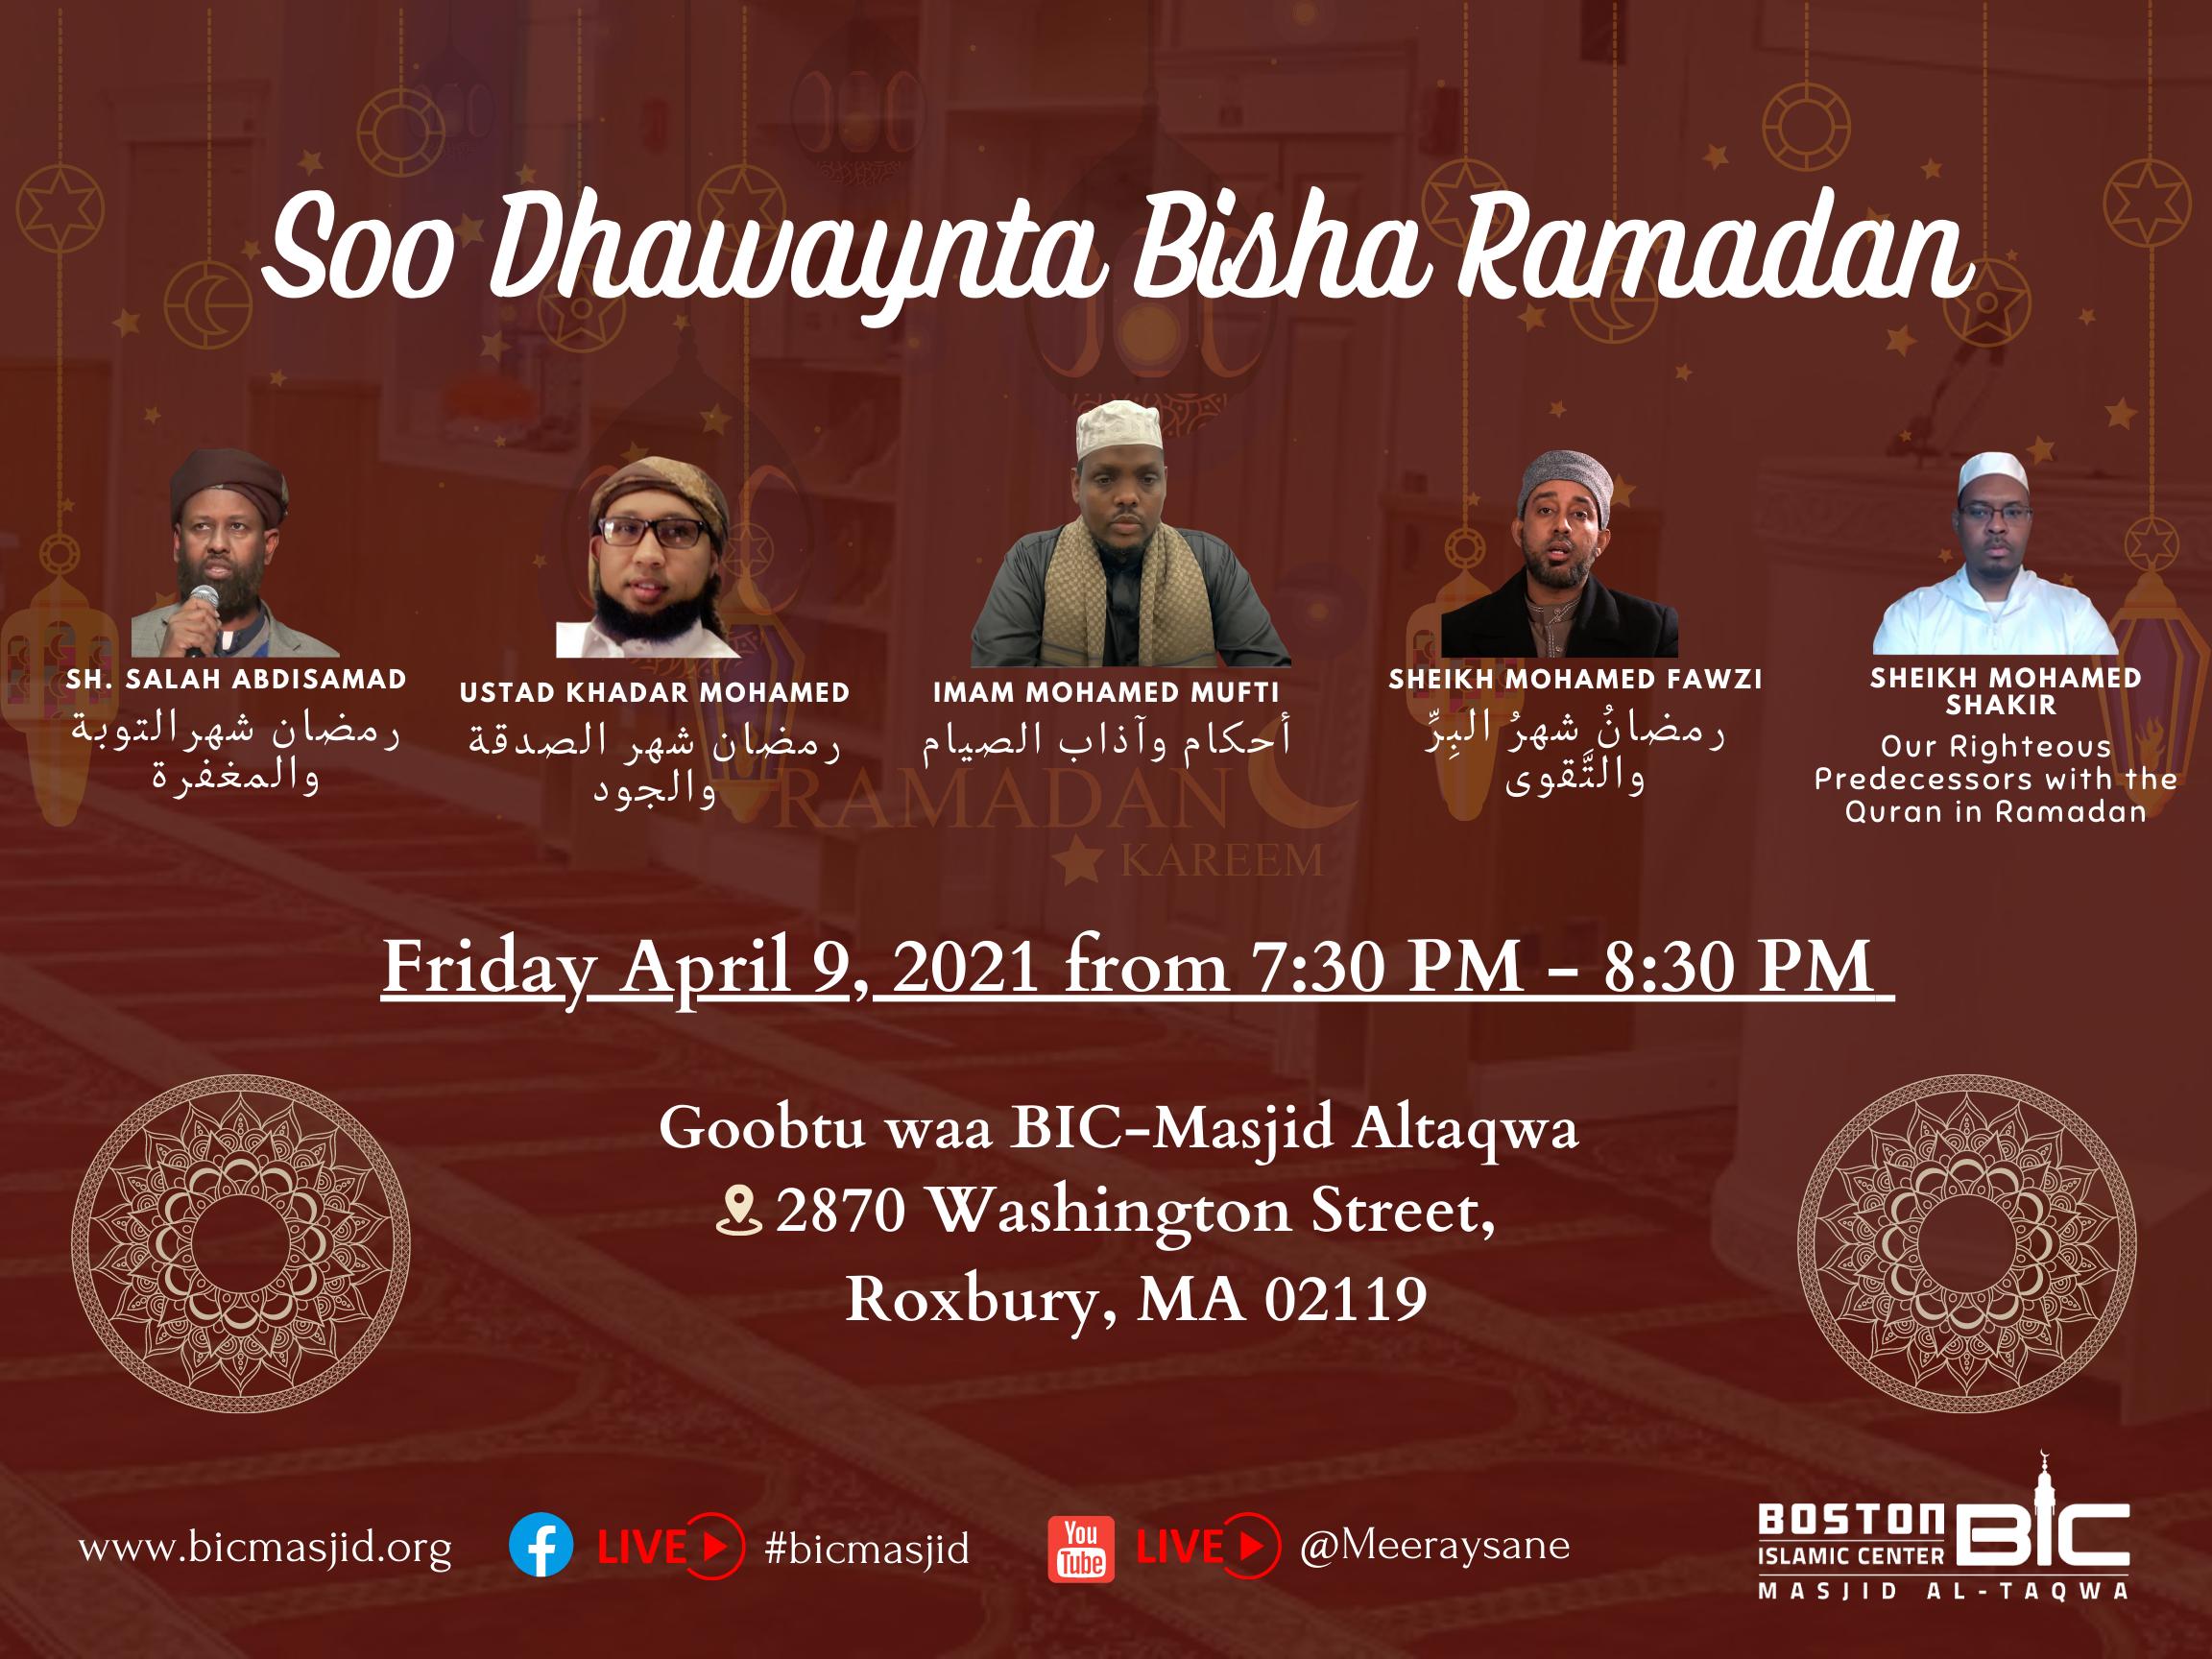 Nadwada Soo Dhawaynta Bisha Ramadan 2021